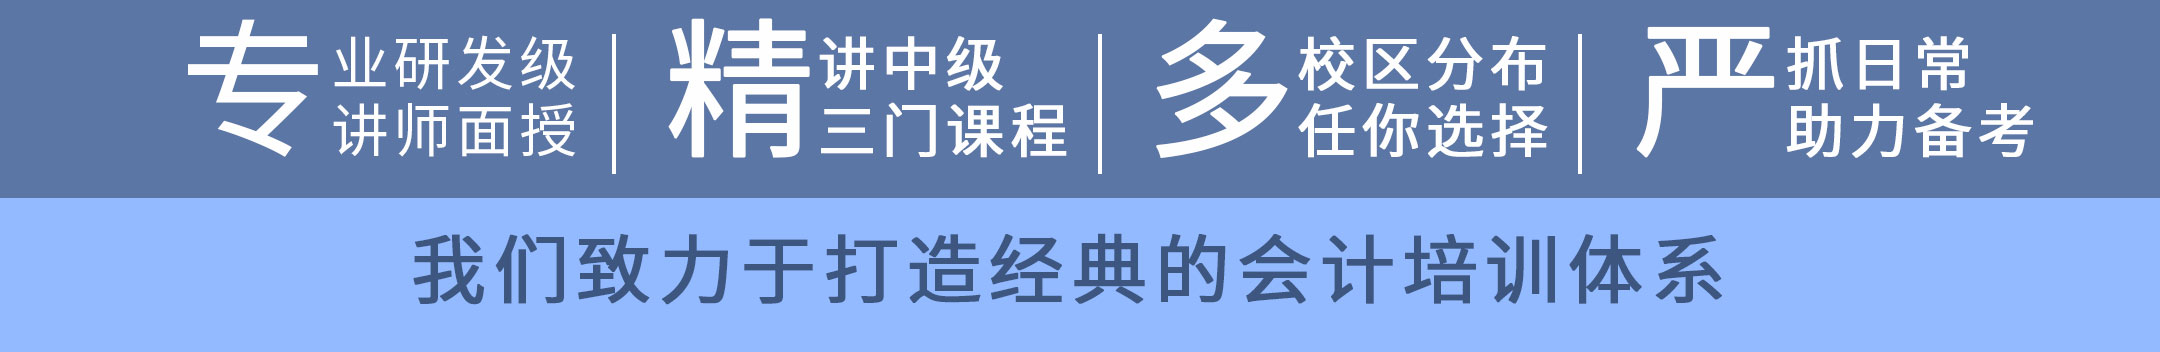 中级职称_02.jpg